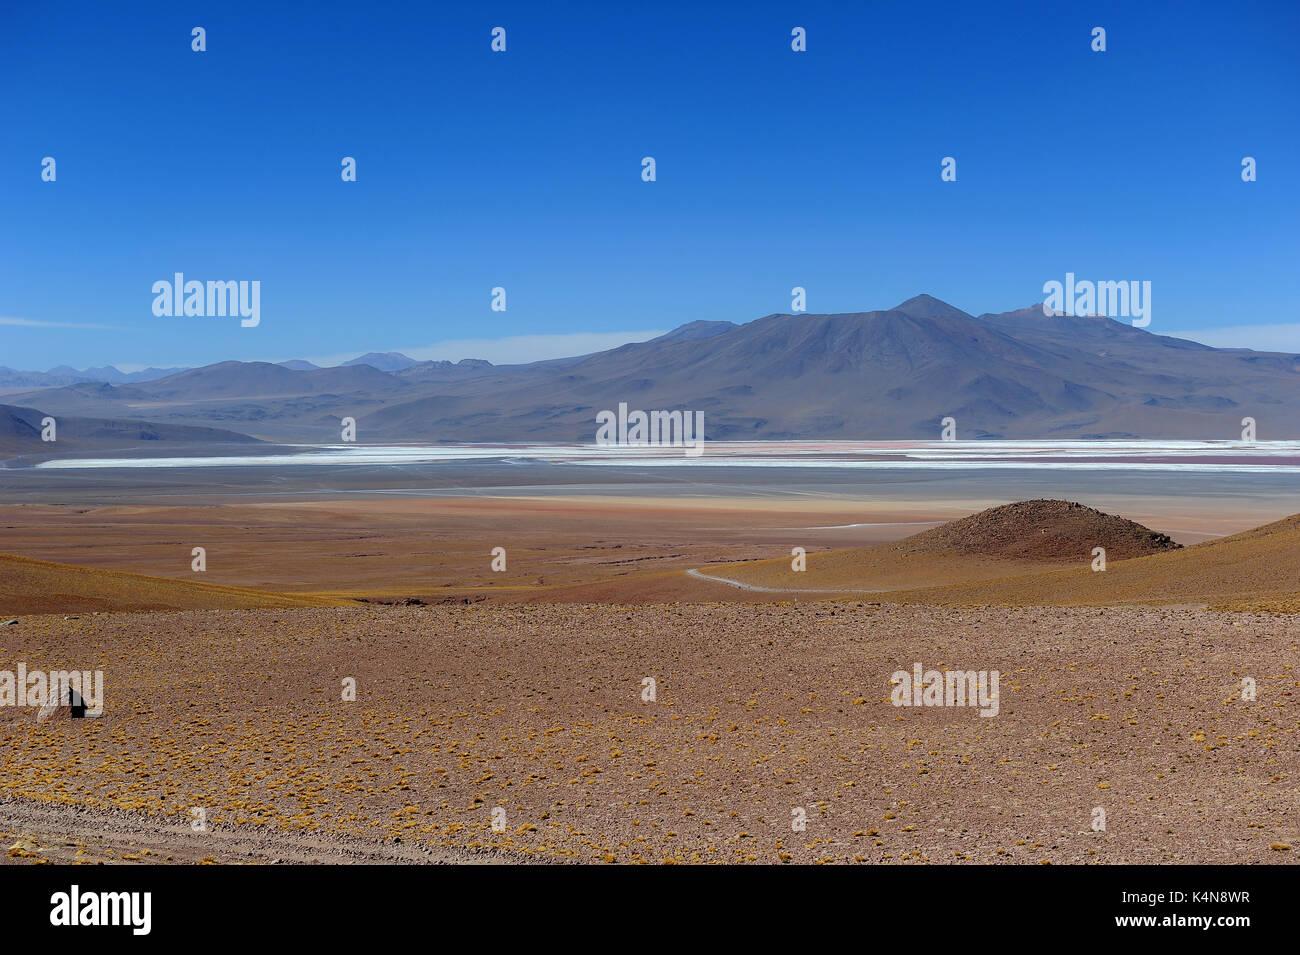 El paisaje desértico del sur de Bolivia con la Laguna Colorada en la distancia Imagen De Stock